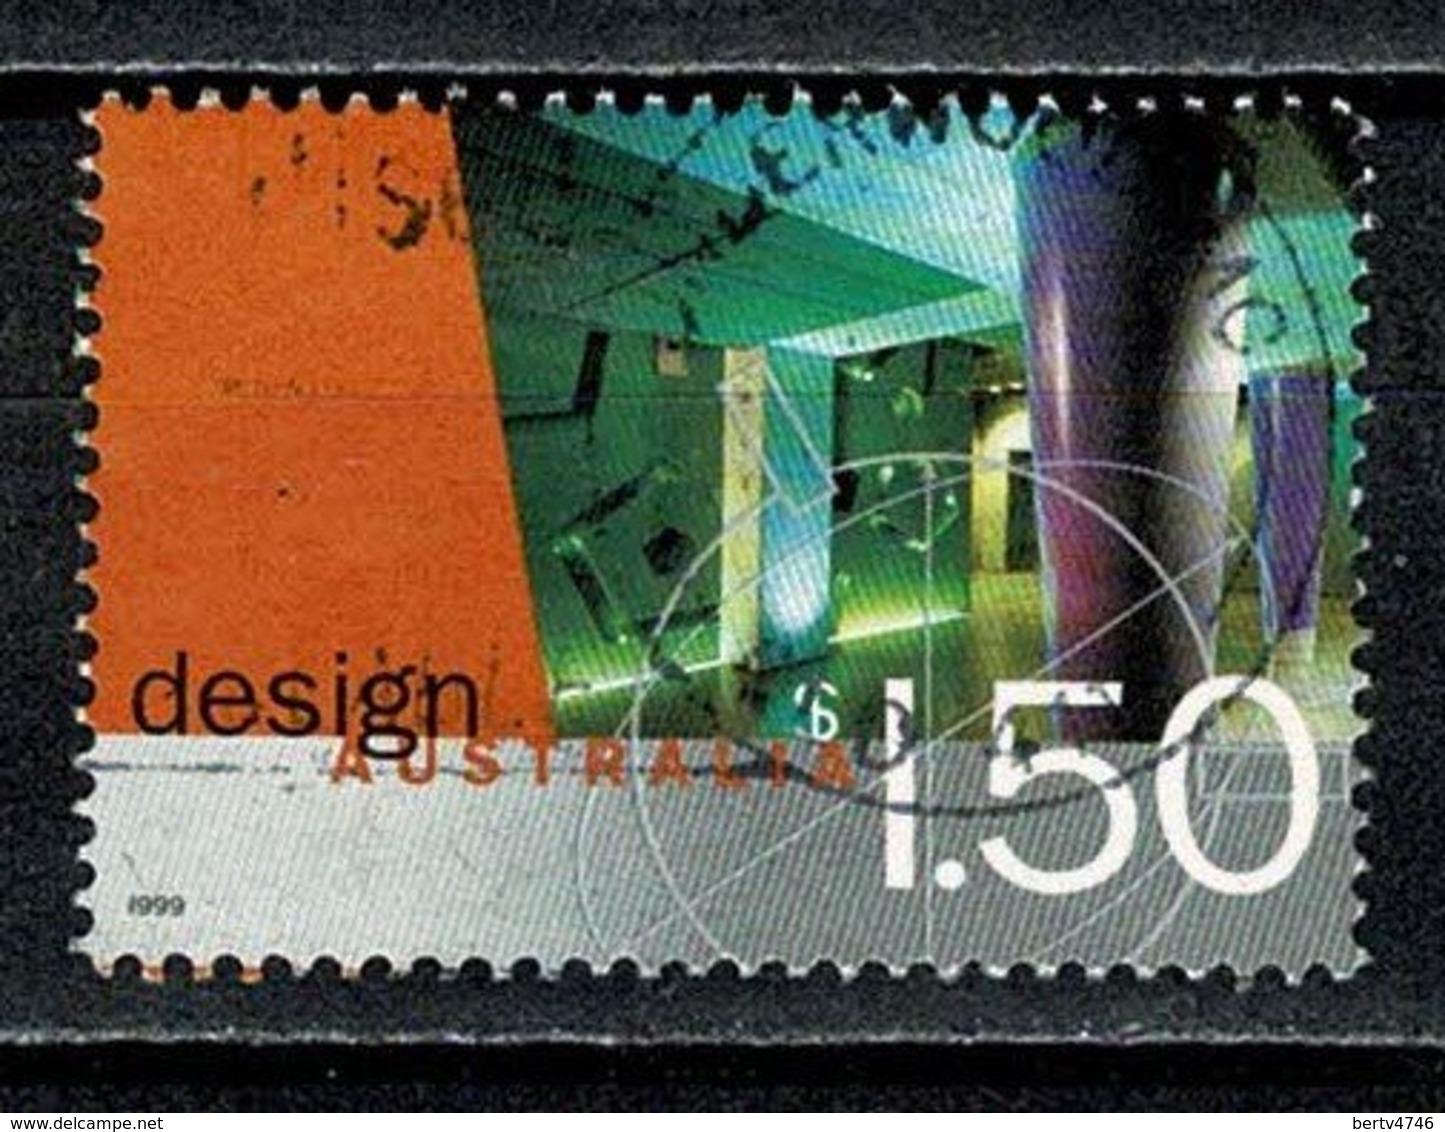 Australie 1999 Yv 1766 (o) , SG 1906, Mi 1854 Design (o) Used - 1990-99 Elizabeth II